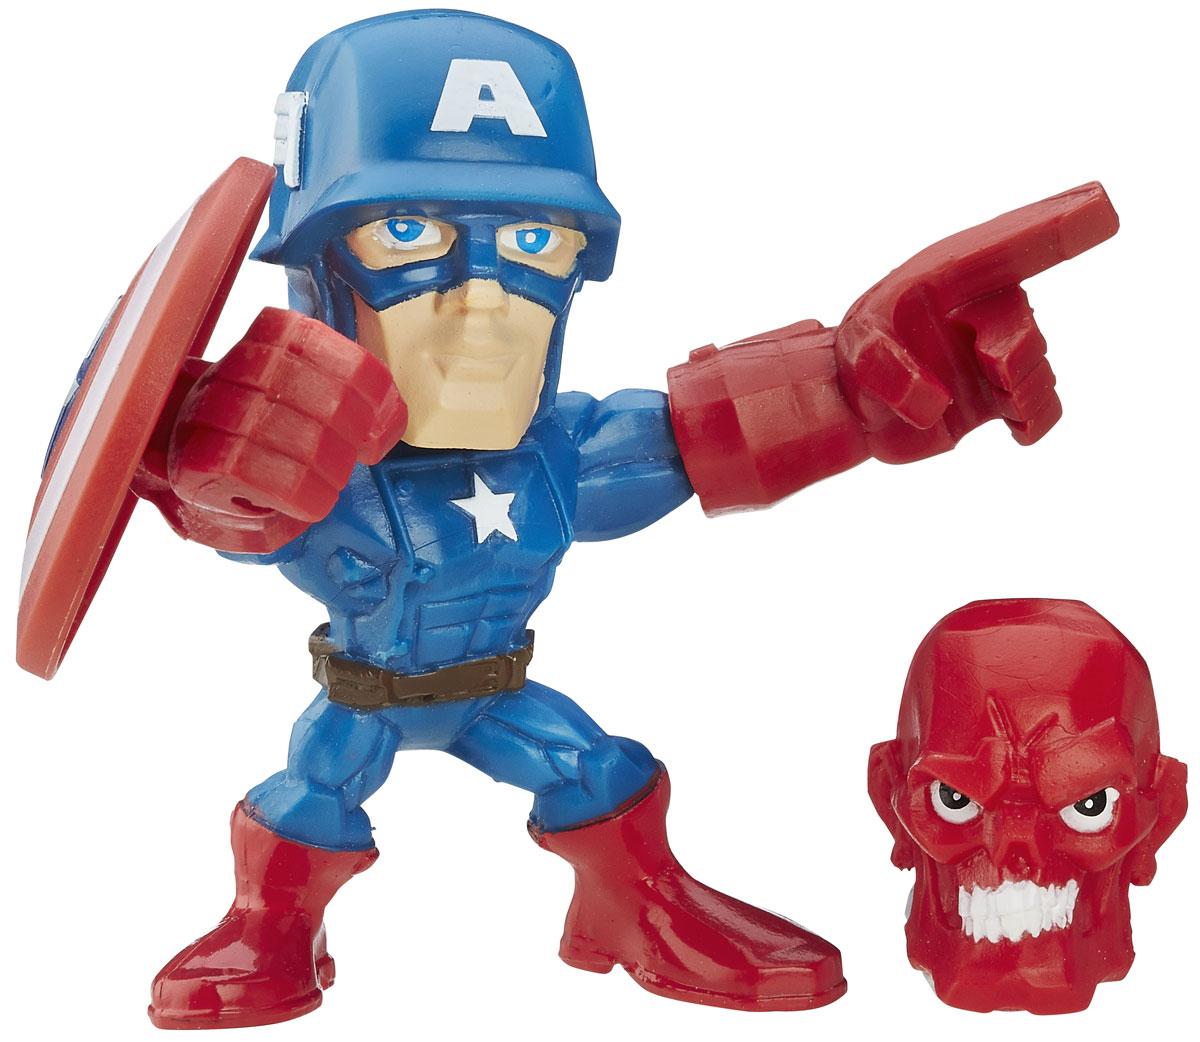 Hero Mashers Фигурка Captain AmericaB6431EU4_B6691_Capitan AmericaСборная фигурка Hero Mashers Captain America станет отличным подарком всем поклонникам комиксов. В комплекте с фигуркой идет щит и голова фигурки Красного Черепа. Даже самые сильные супергерои иногда нуждаются в дополнительной руке или ноге. Сделать это теперь возможно с новой линией фигурок Super HeroMashers Micro. Несмотря на микроразмер, фигурки супергероев выглядят мощными, особенно с использованием сменных рук, ног и аксессуаров. Каждая фигурка включает в себя 3 точки для сменных элементов, что позволяет детям поменять супергерою голову и руки на те, которые они захотят! Универсальные разъемы позволяют использовать детали с любой другой фигурки героя Mashers, предоставляя свободу для создания нового супергероя! Дополнительно можно прикрепить боевое снаряжение и принадлежности для еще большей мощи!